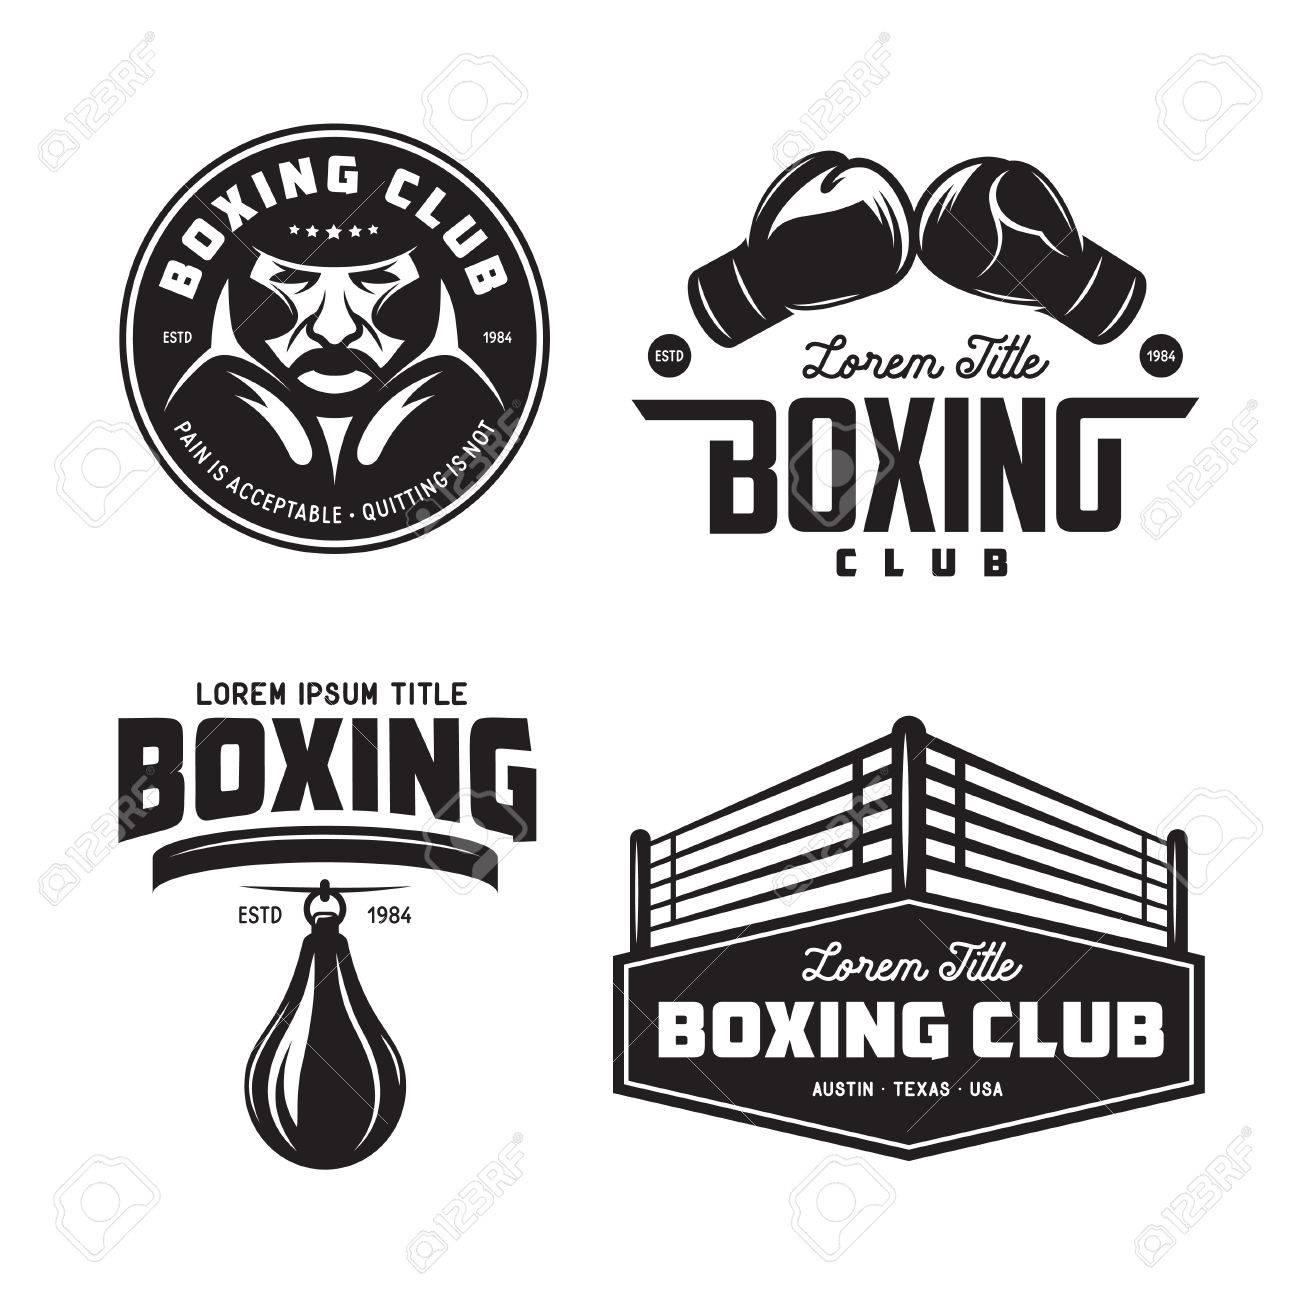 Boxing club labels set. Vector vintage illustration. - 73881422